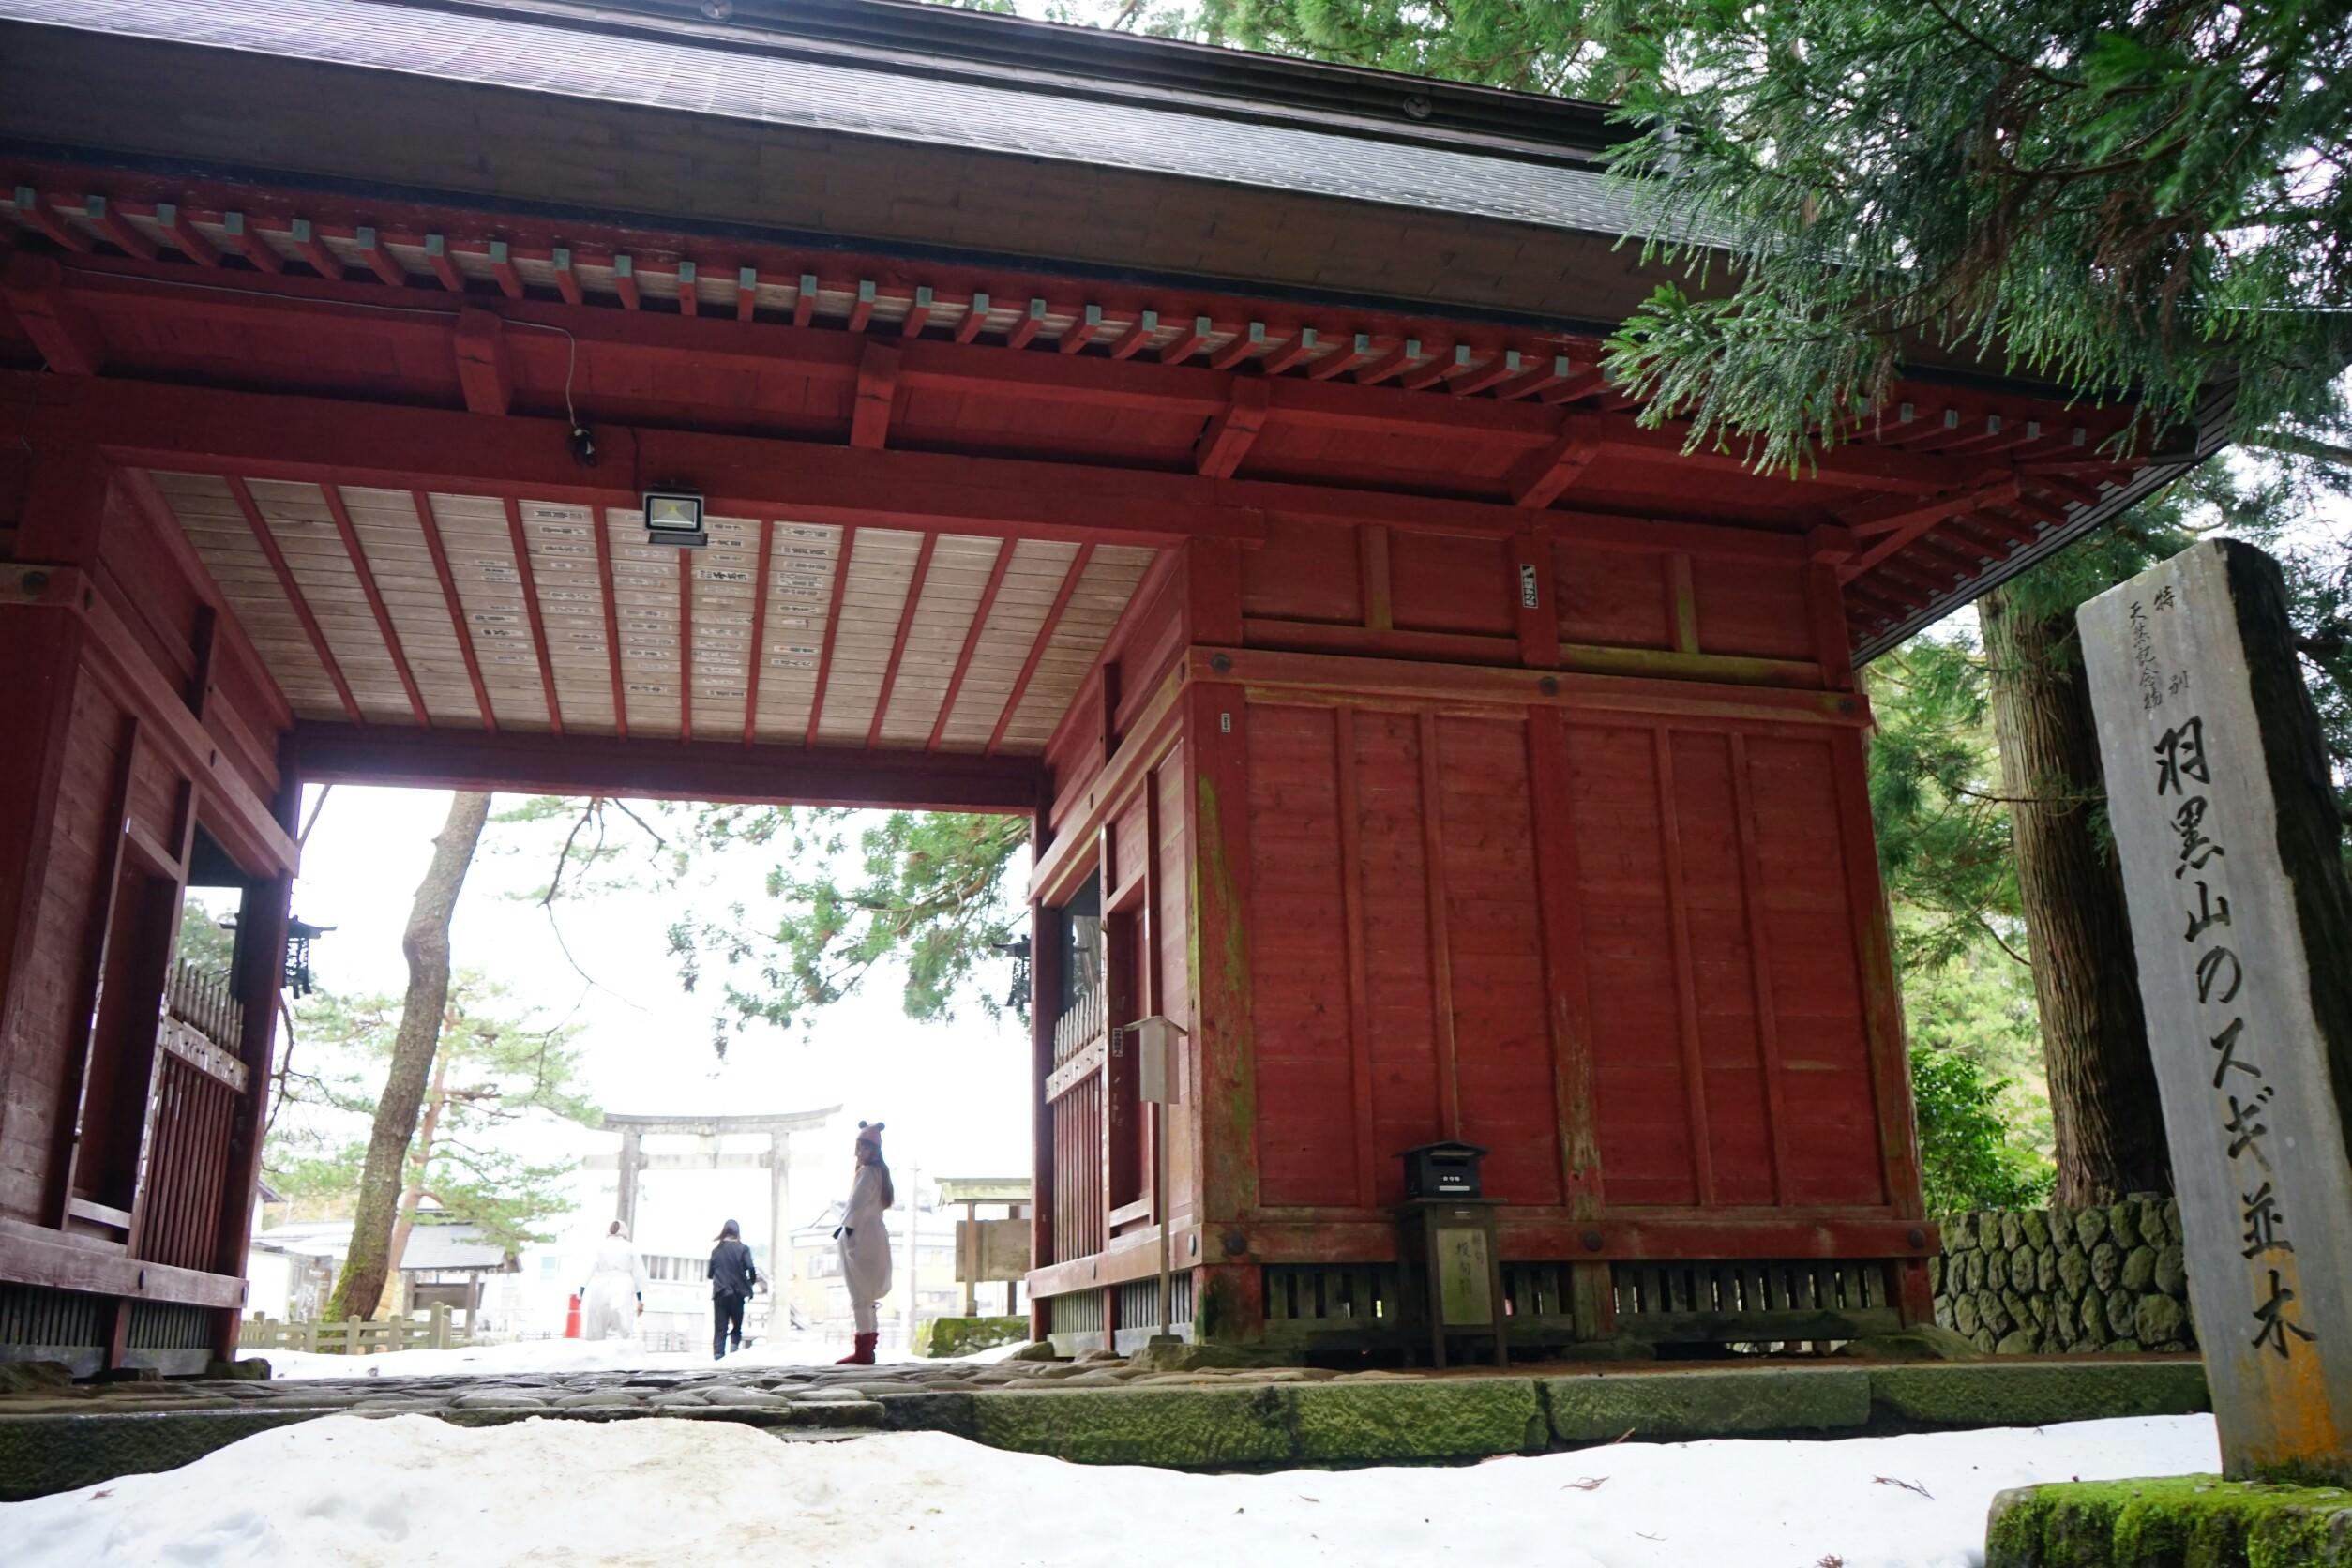 日本東北能量聖地 出羽三山巡禮 換裝上山修行去 羽黒派古修験道